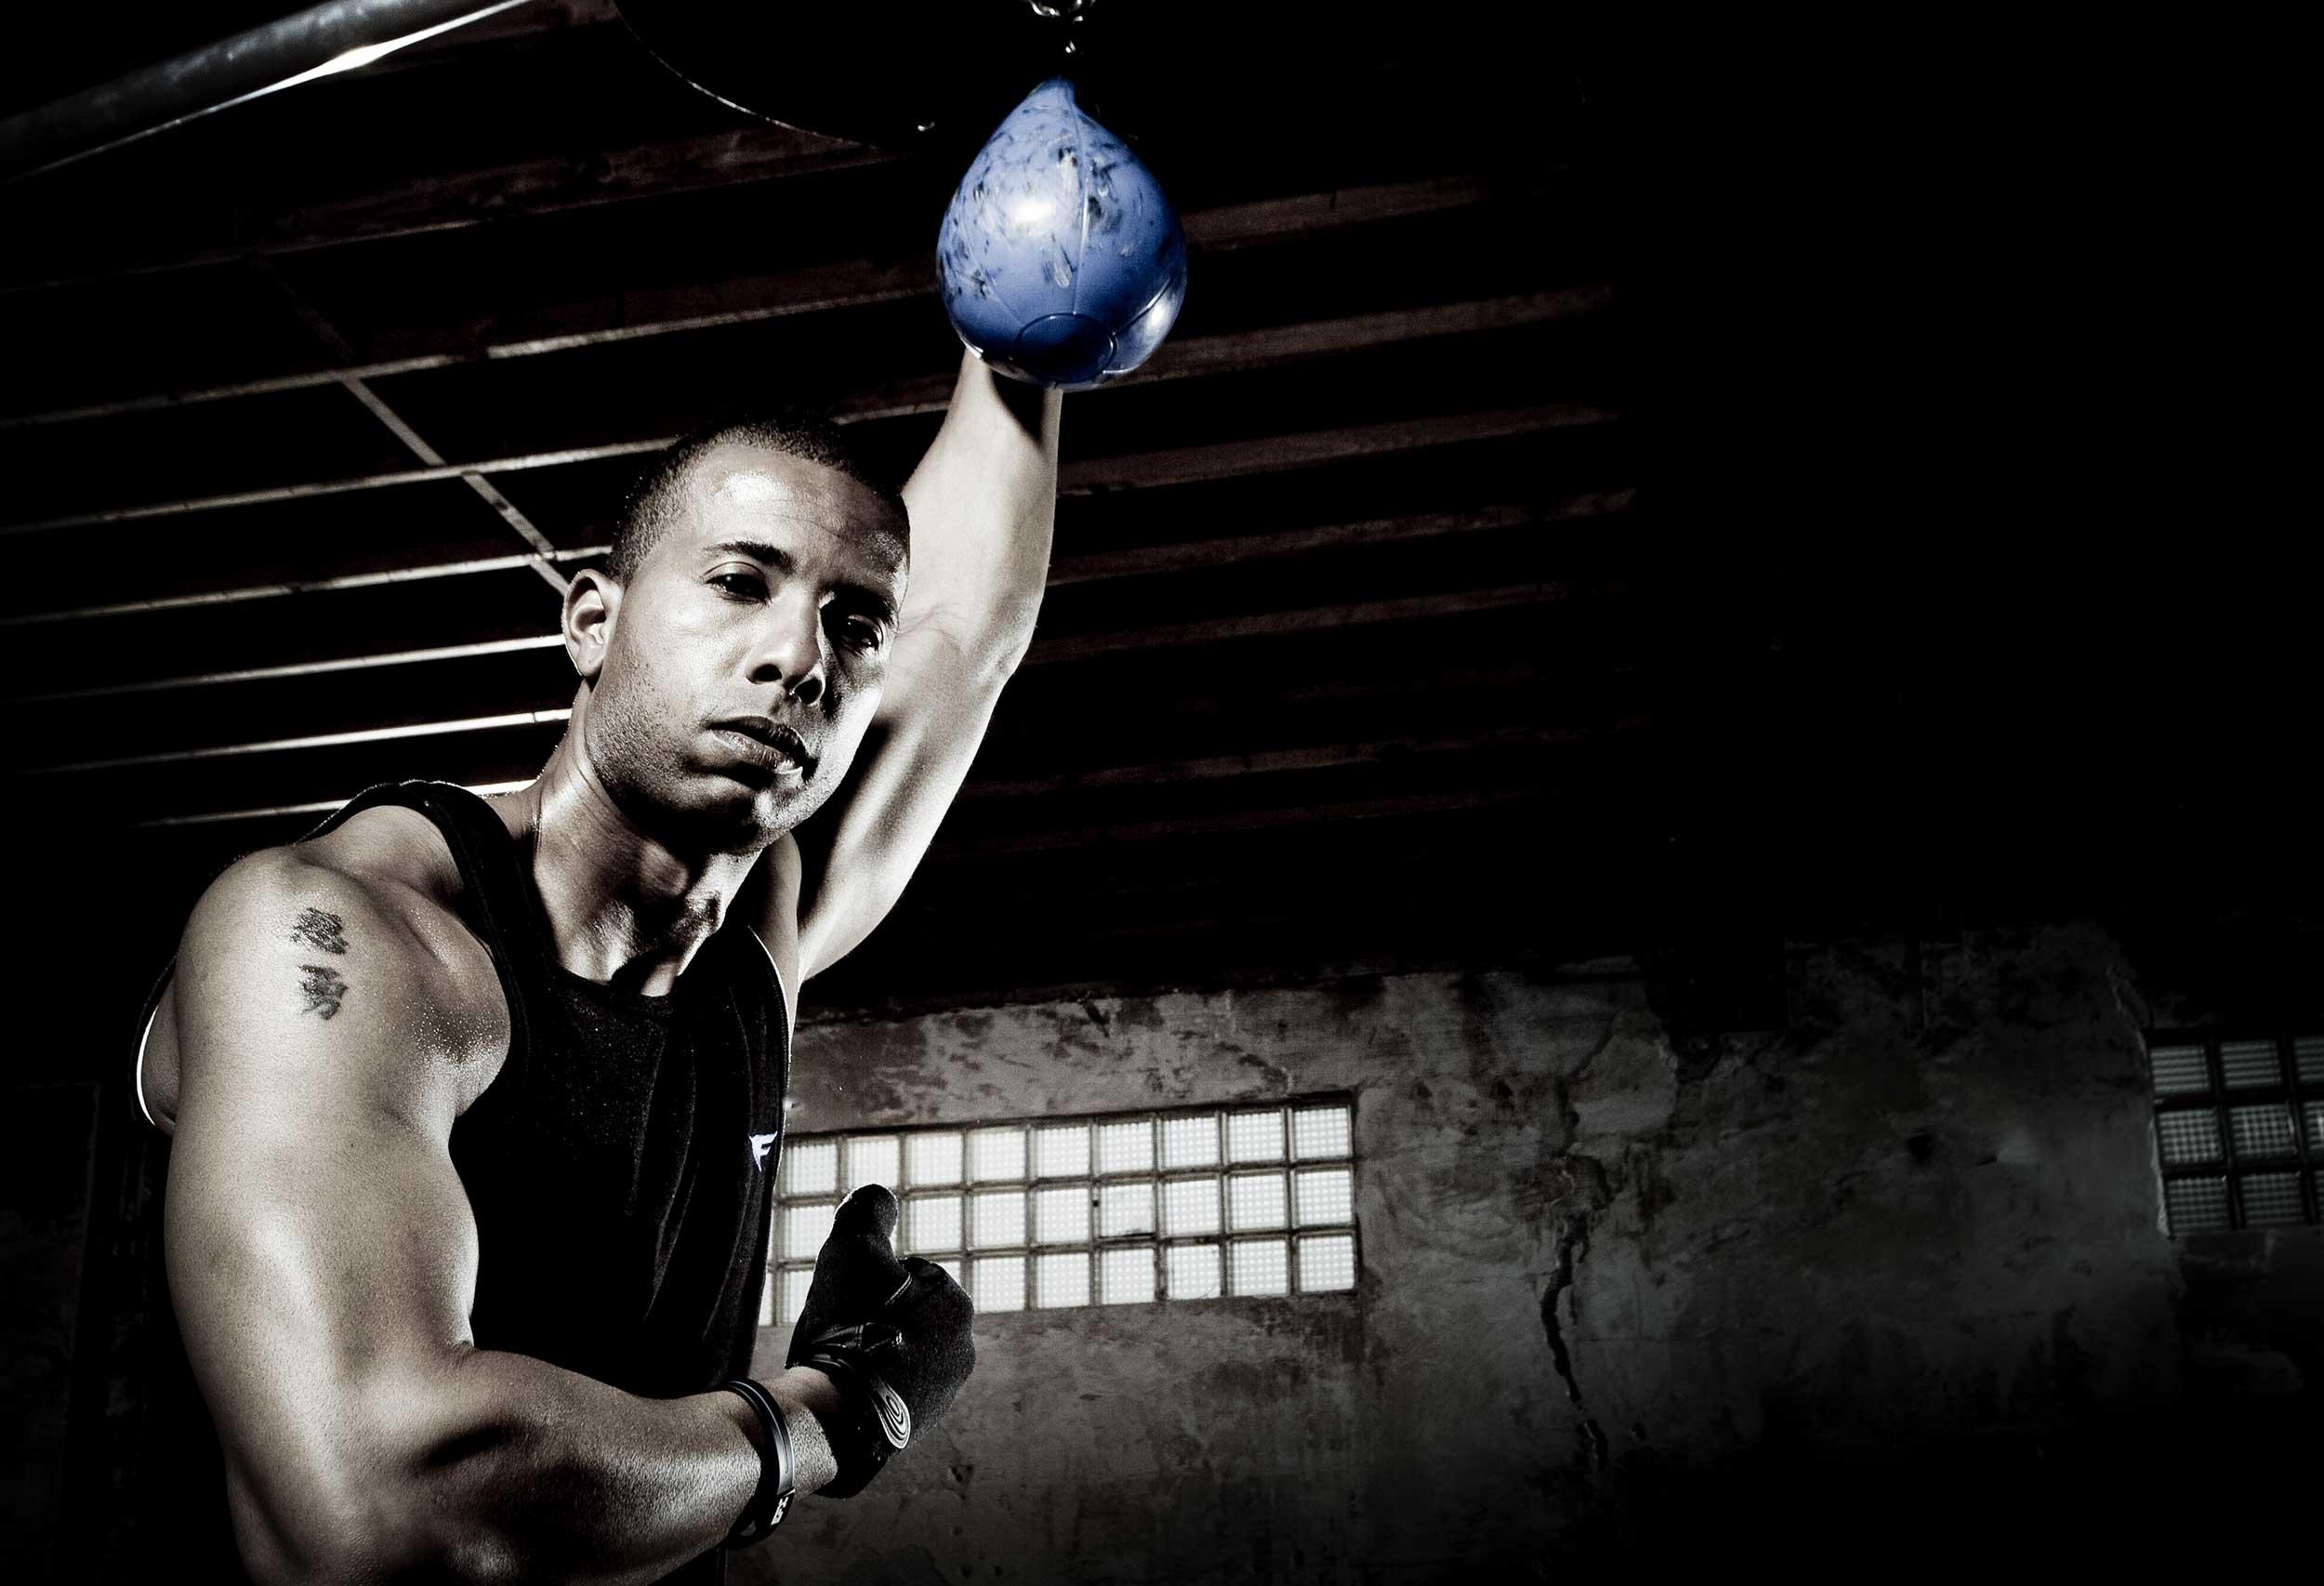 BoxerPortrait_JMichaelTuckerPhotography.jpg